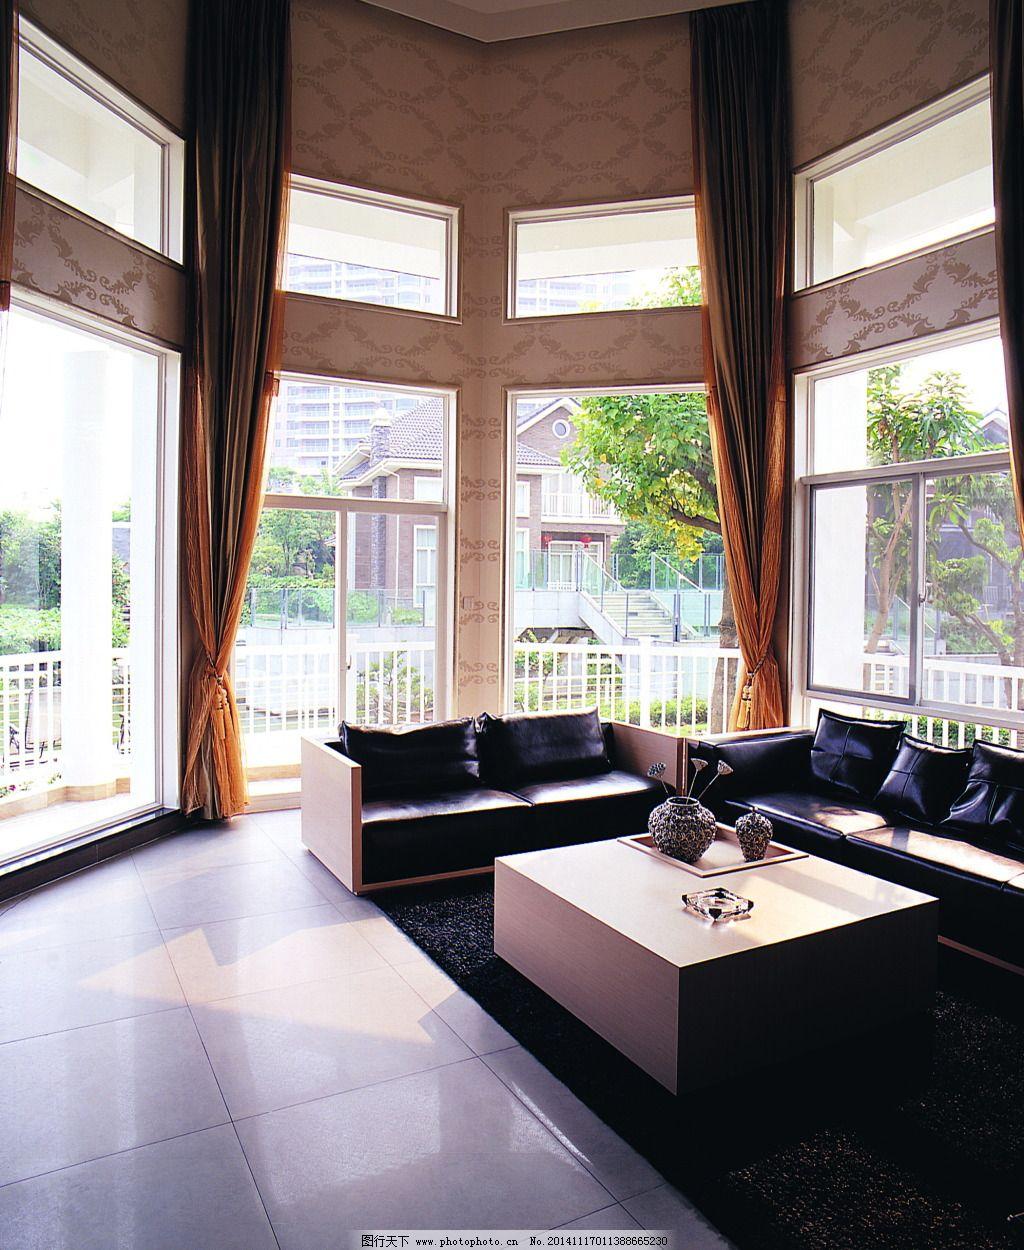 客厅大堂室内布景3d效果图